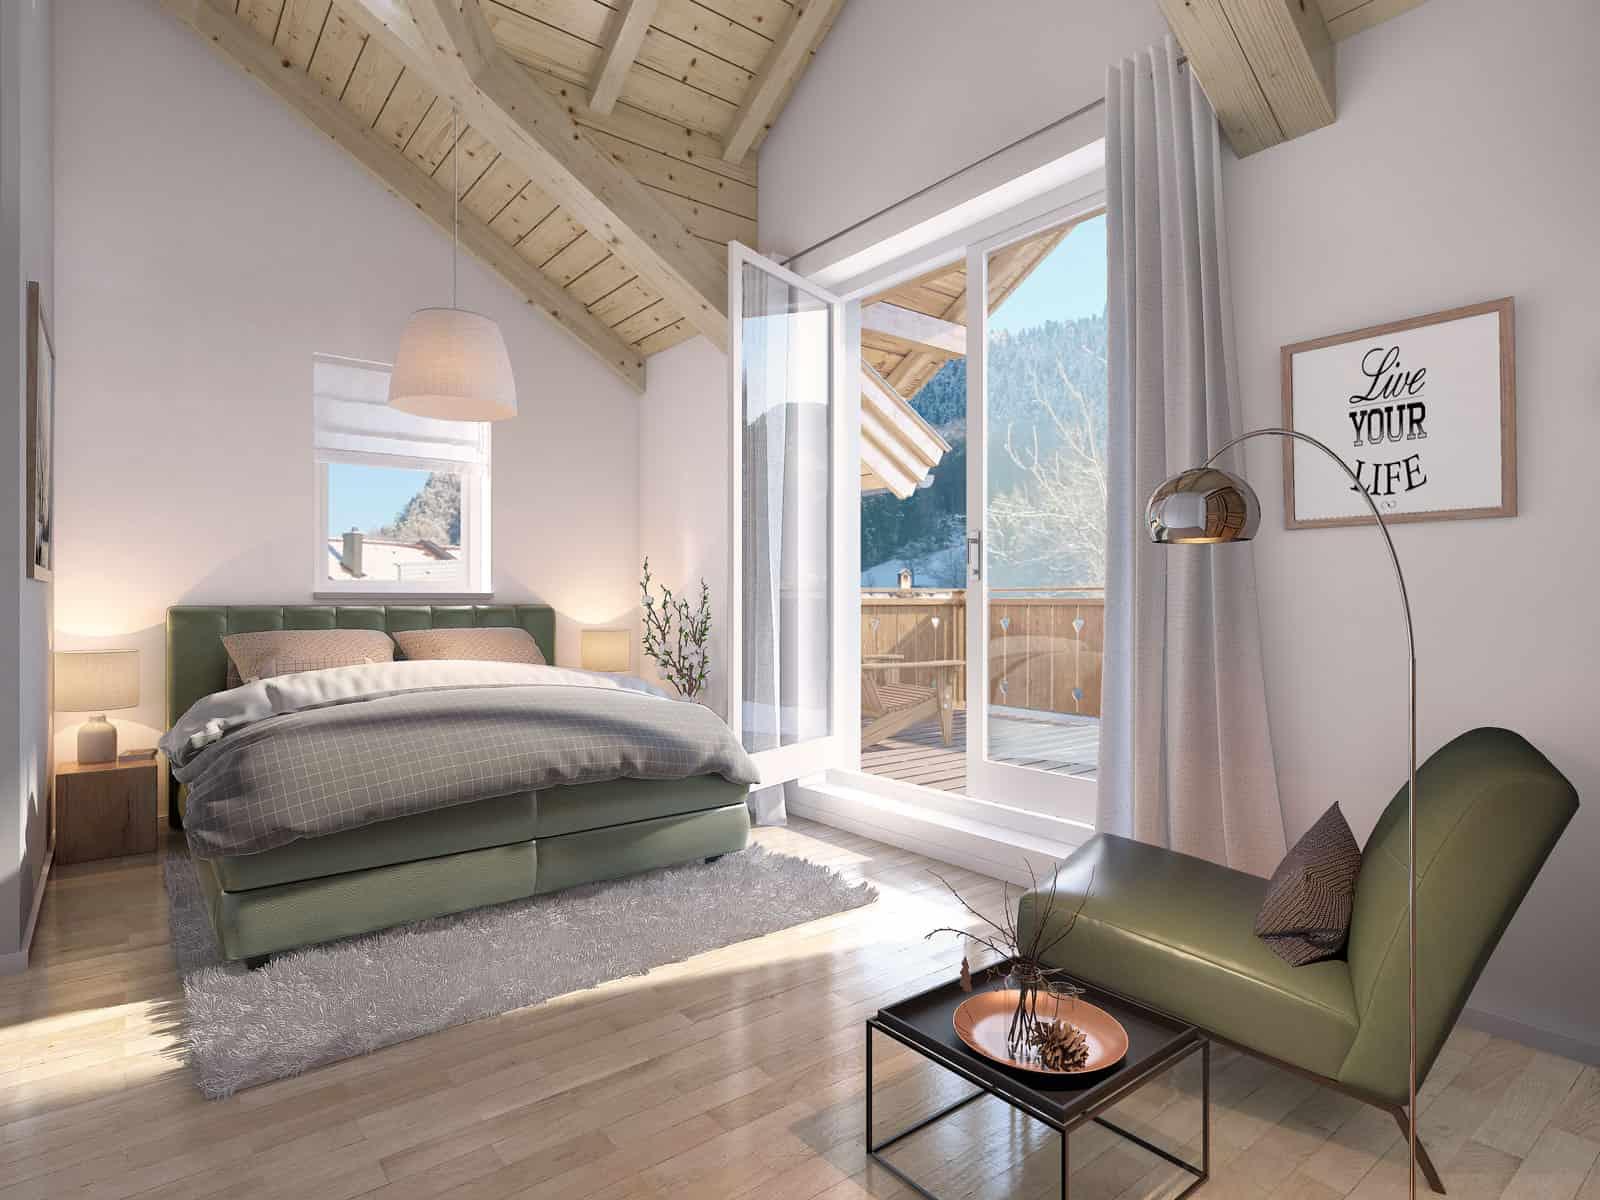 08 koopwoningen-oostenrijk-project-dreilaendereck-panorama-slaapkamer